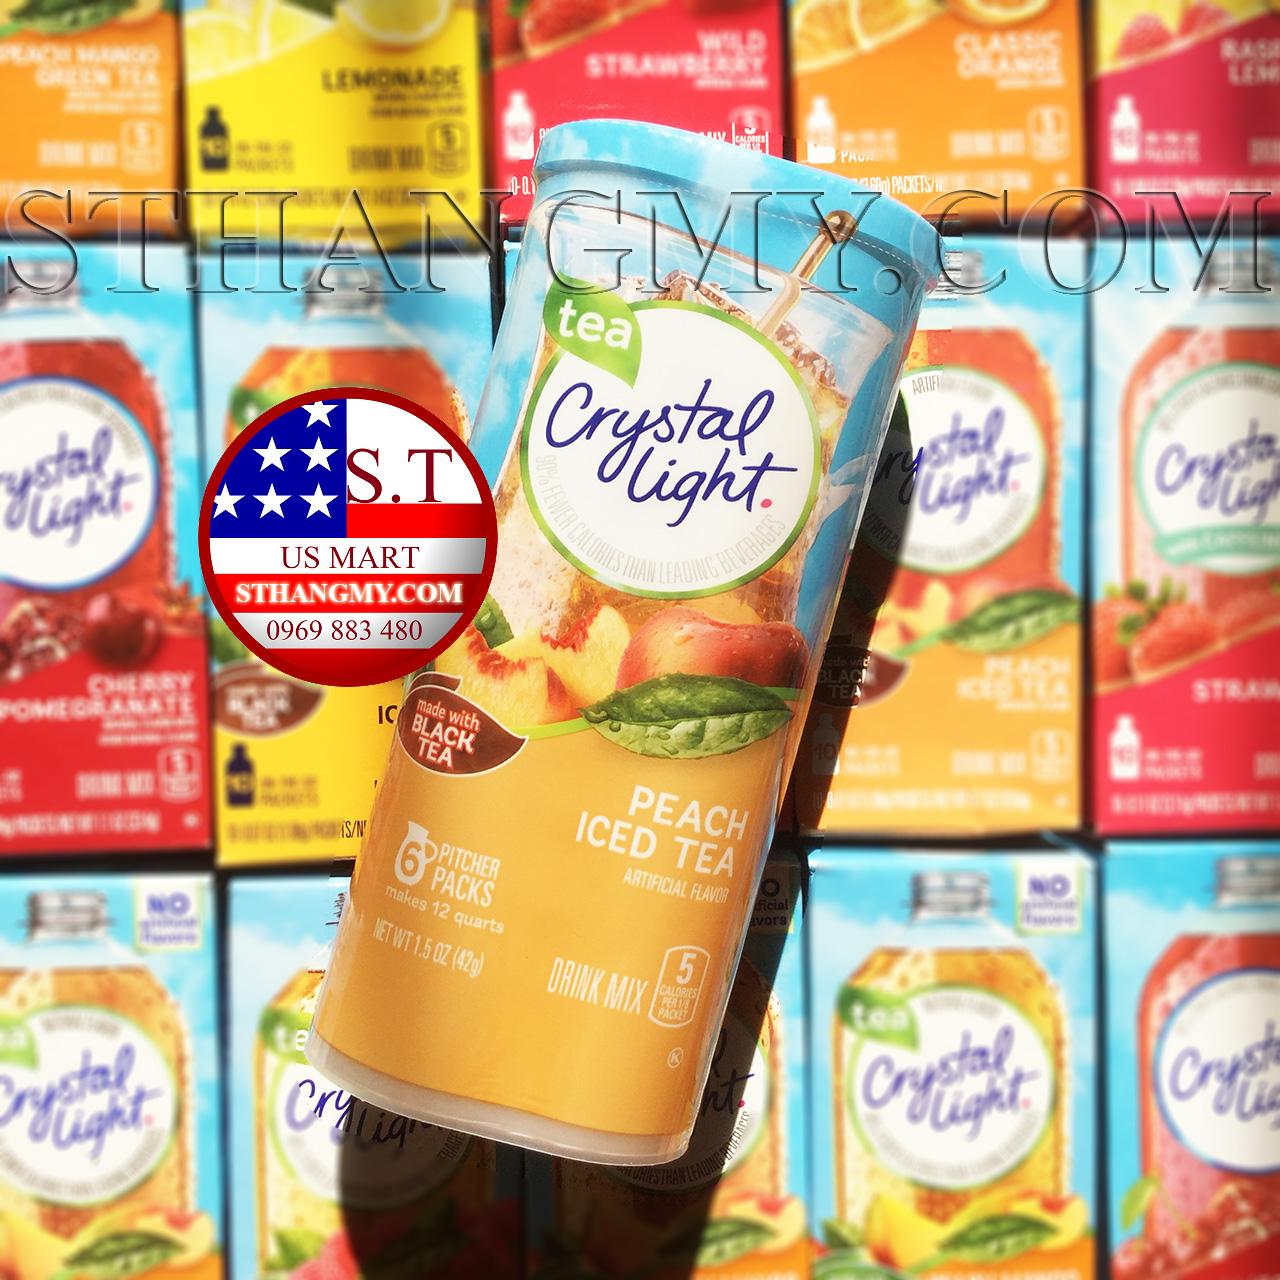 Bột pha nước trái cây CRYSTAL LIGHT hộp lớn vị Peach Iced Tea - Trà đào.